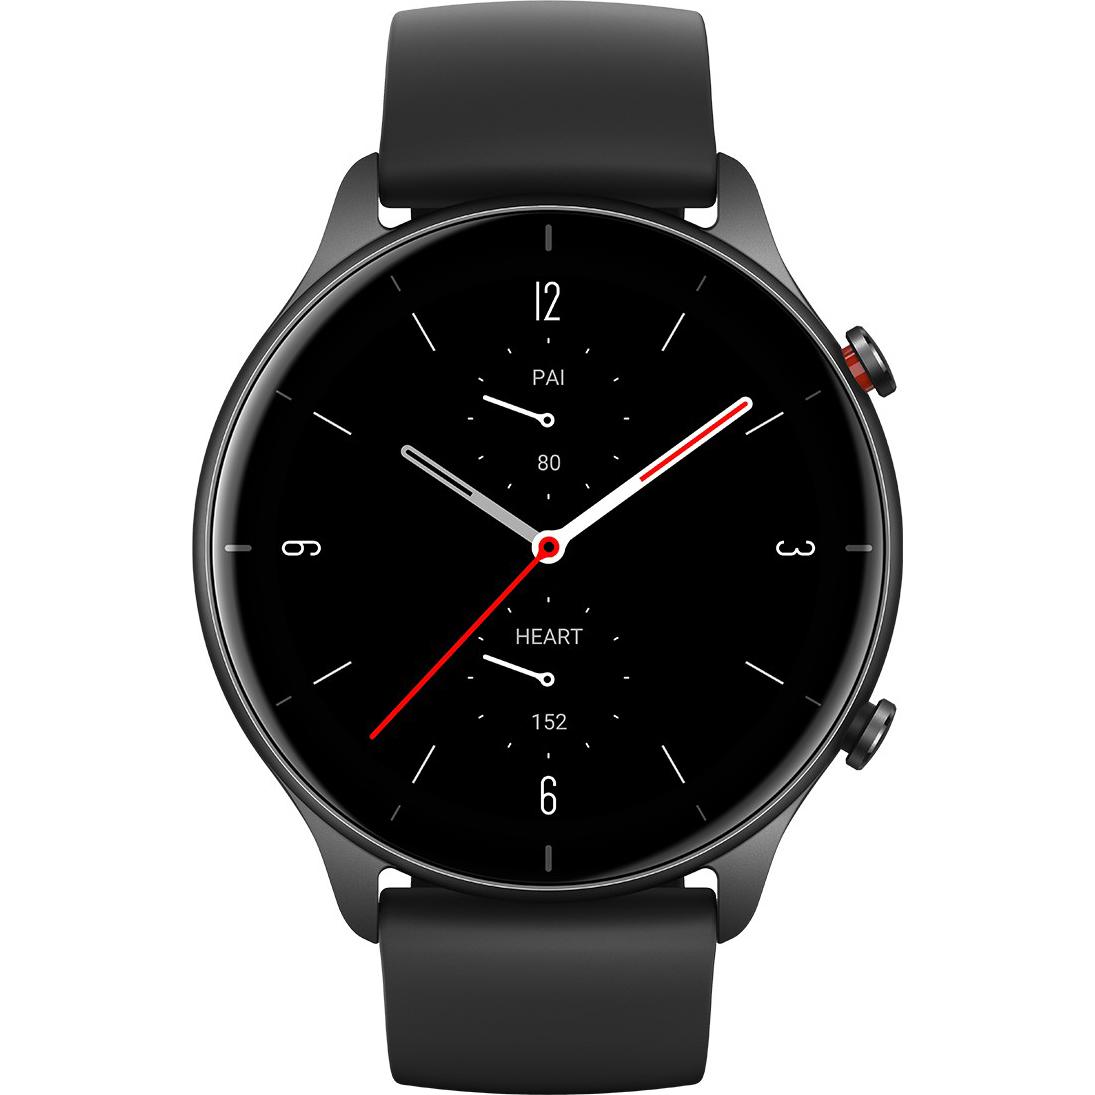 Фото - Смарт-часы Amazfit GTR 2e A2023 Black часы amazfit stratos smart sports watch 2 a1619 черный